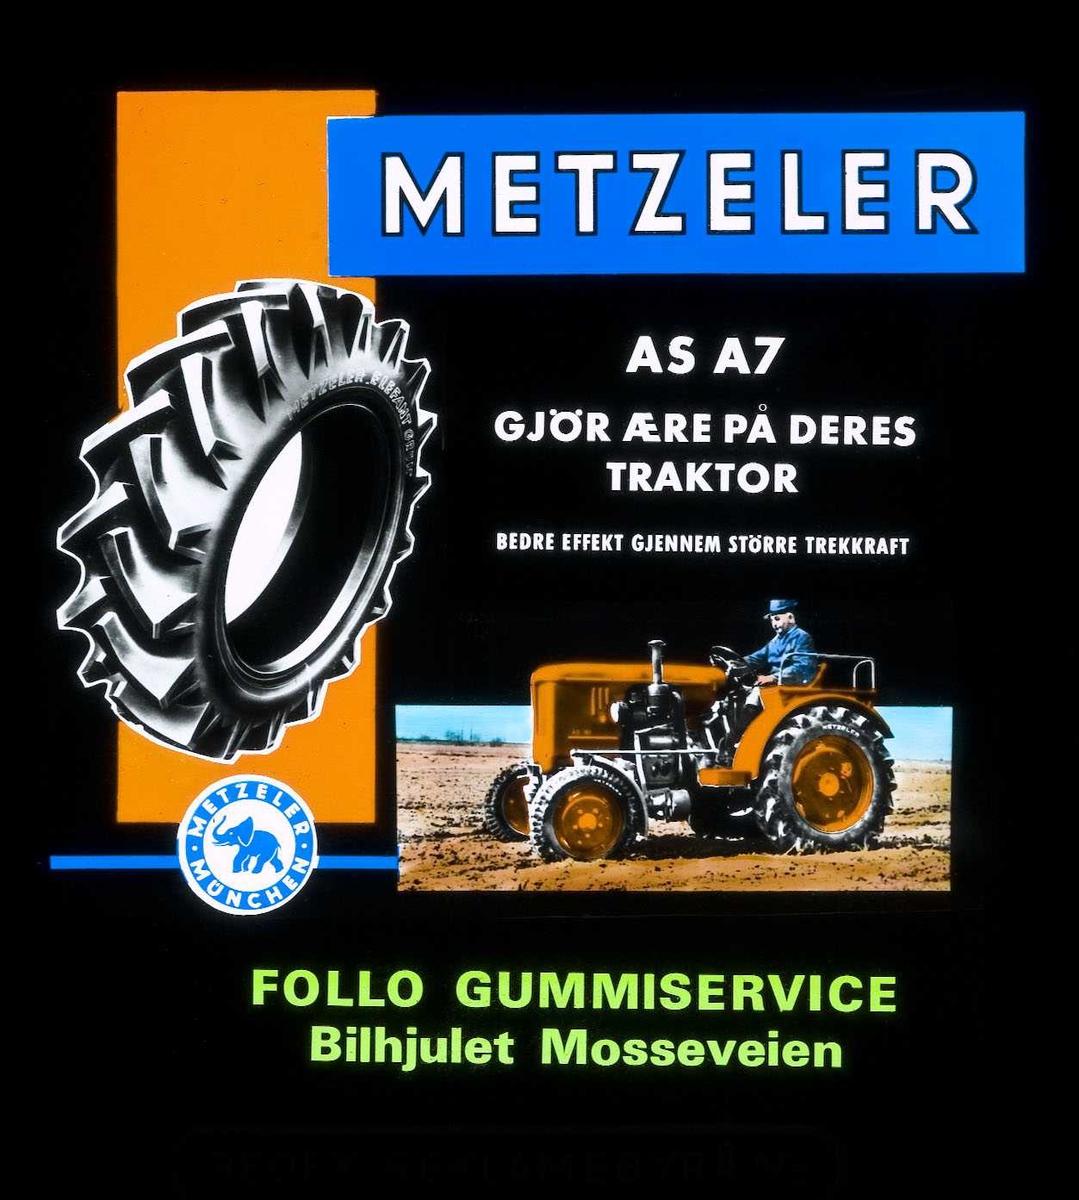 Kinoreklame fra Ski for dekk. Metzeler AS AA/ gjør ære på Deres traktor. Follo gummiservice Bilhjulet Mosseveien.